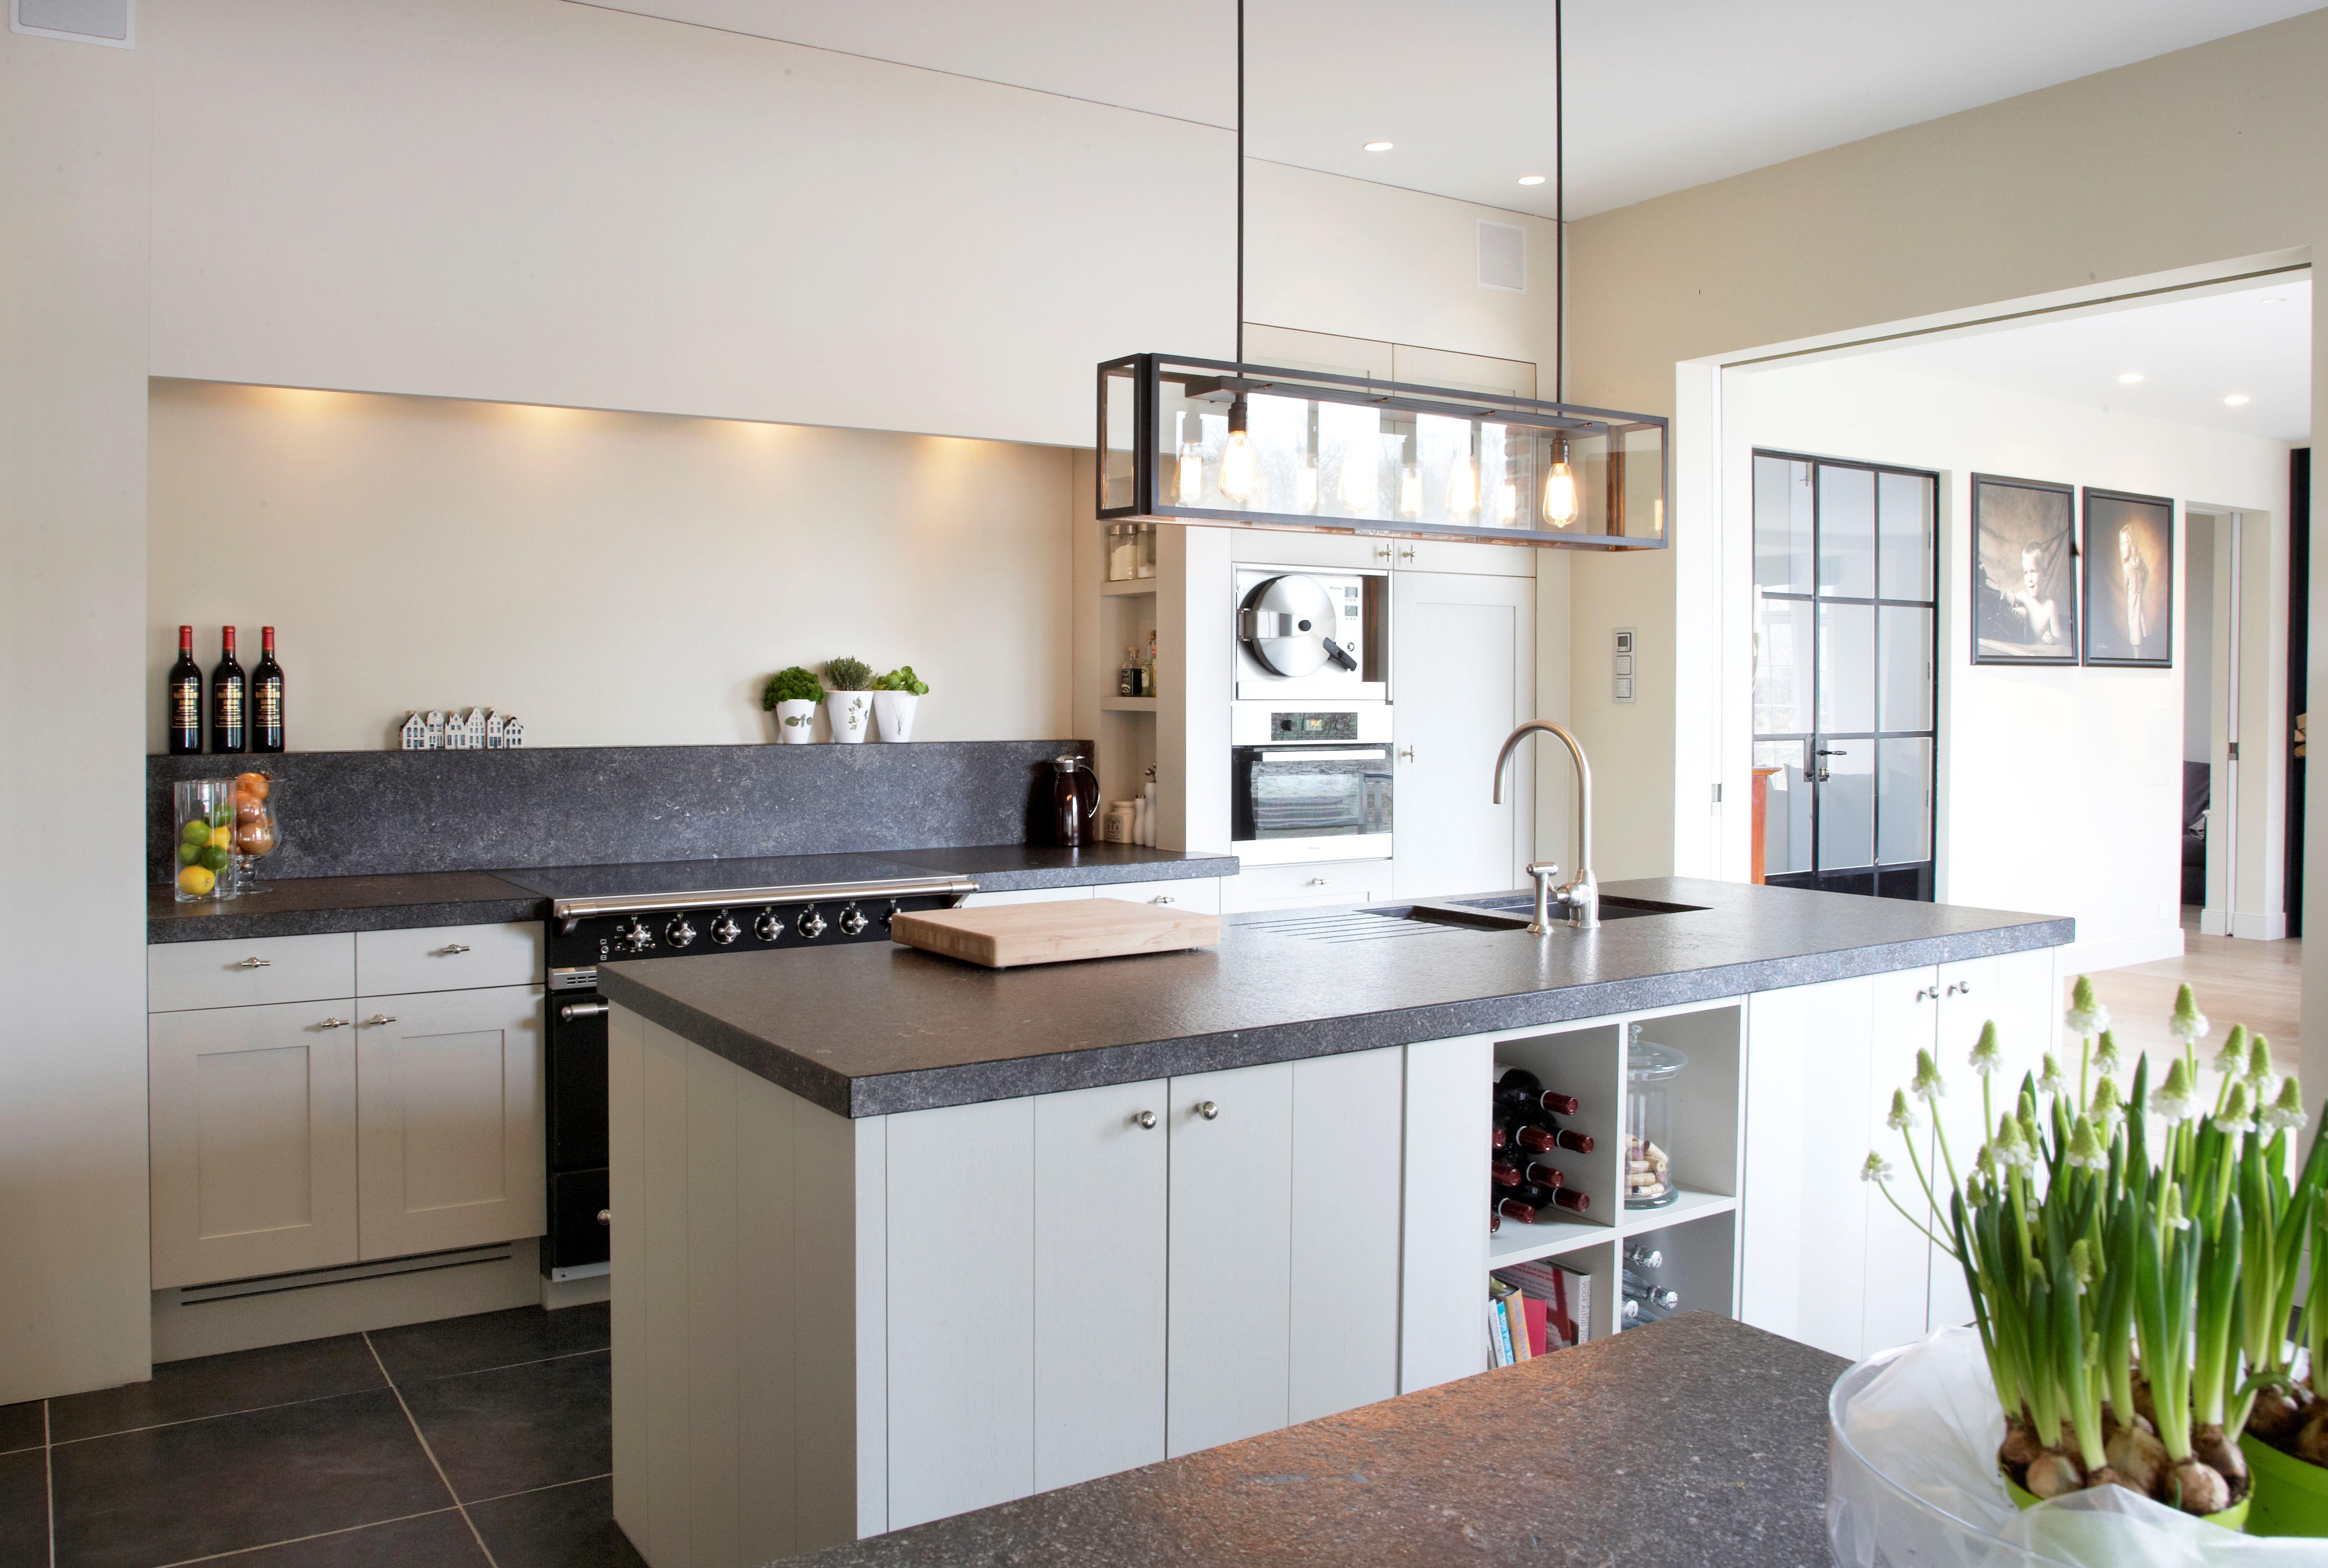 Keuken Ideeen Landelijk : Keuken landelijk wit nieuw landelijke tegels simple badkamer